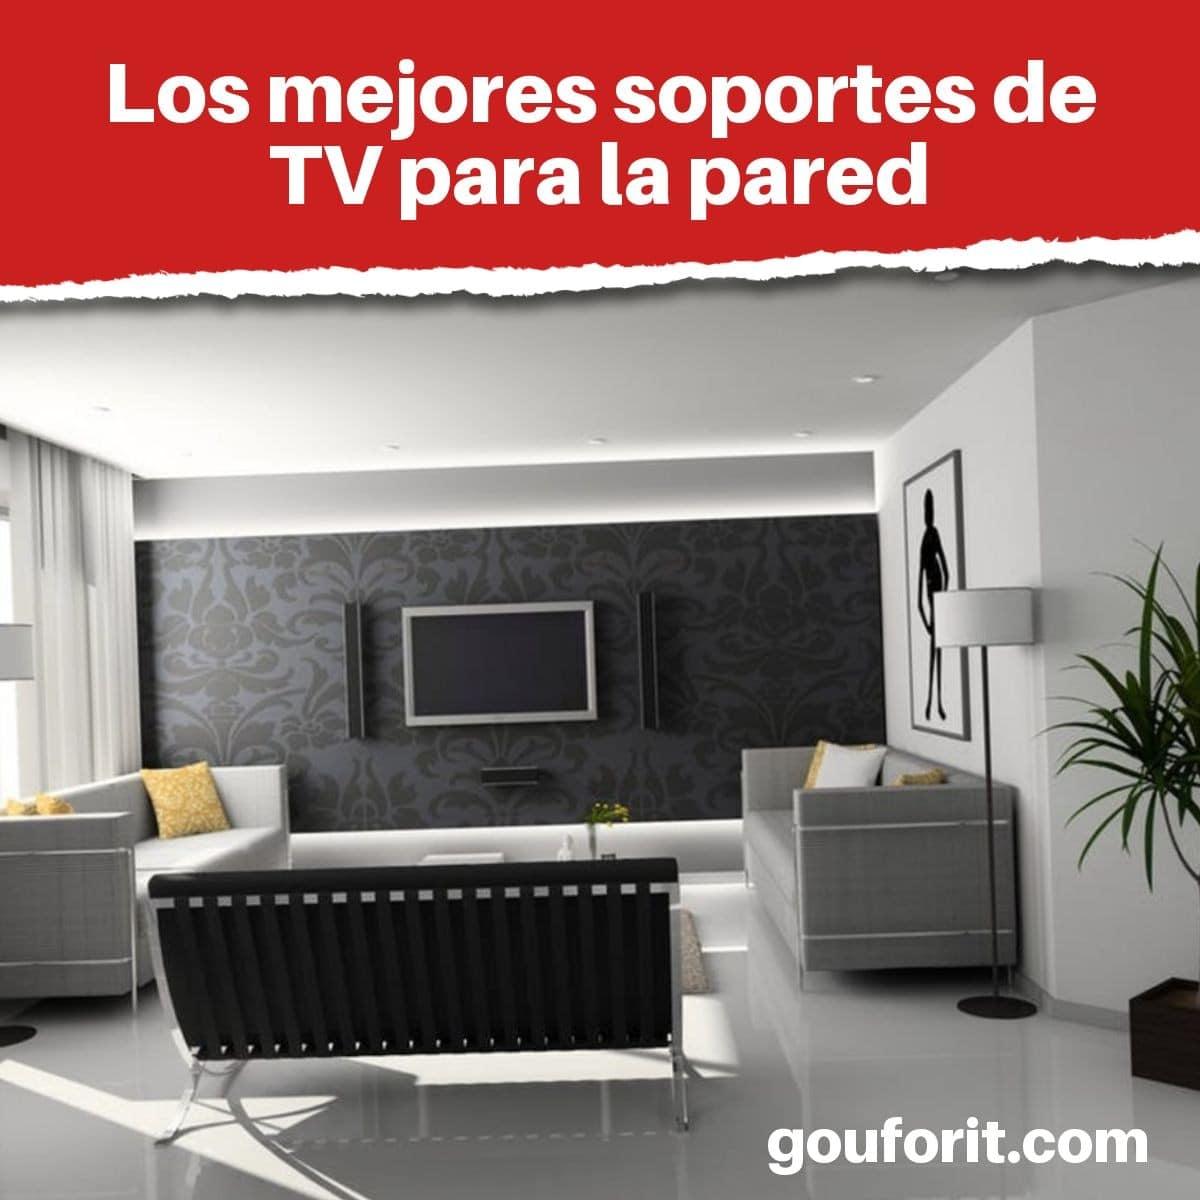 Los mejores soportes de TV para la pared